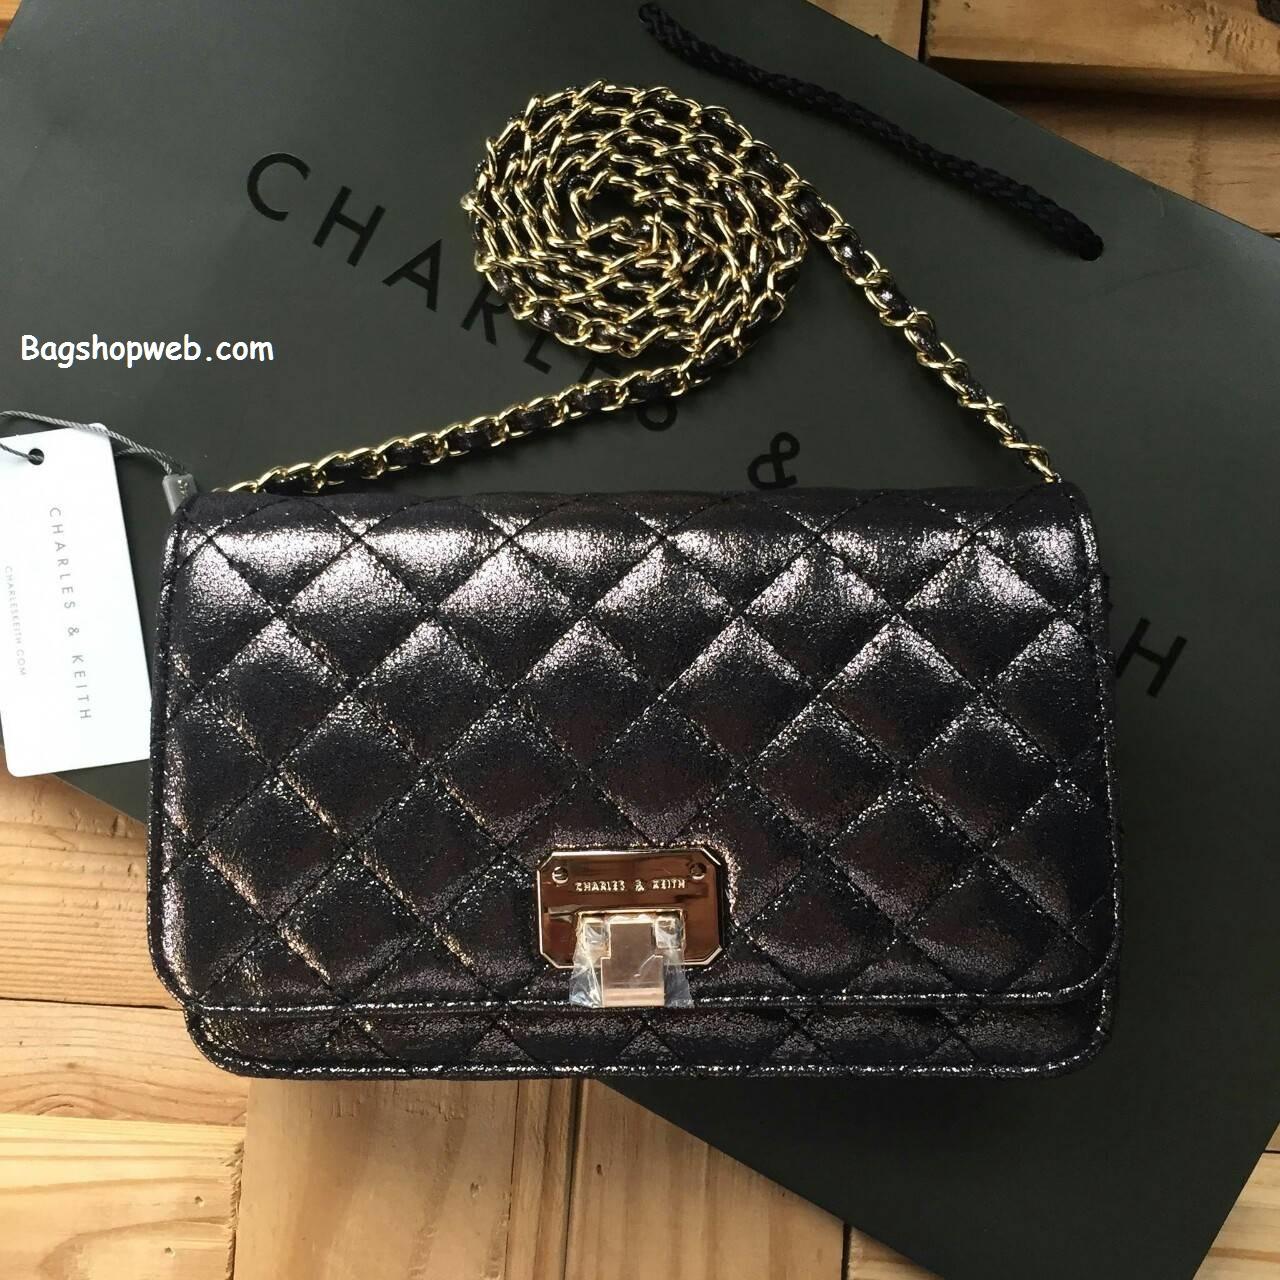 กระเป๋า Charles & Keith Clutch 2016 สีน้ำตาลมัลติคัลเลอร์